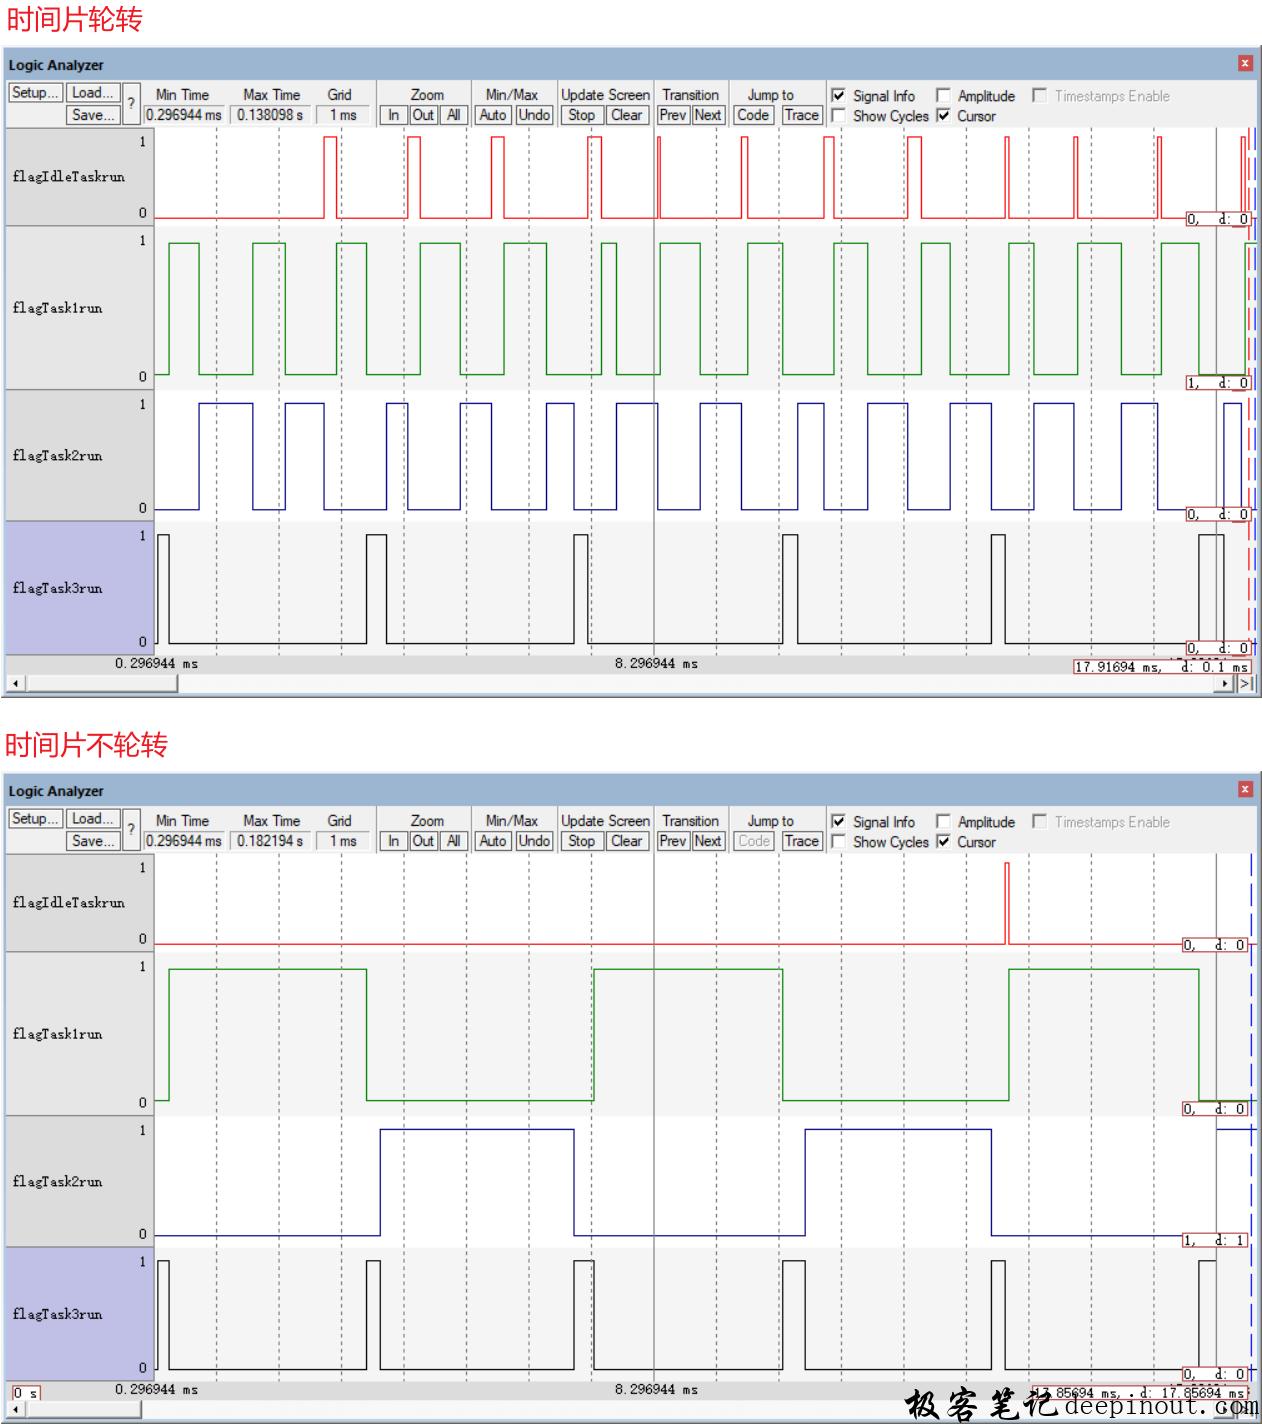 FreeRTOS调度算法 对比效果: 时间片轮转与否